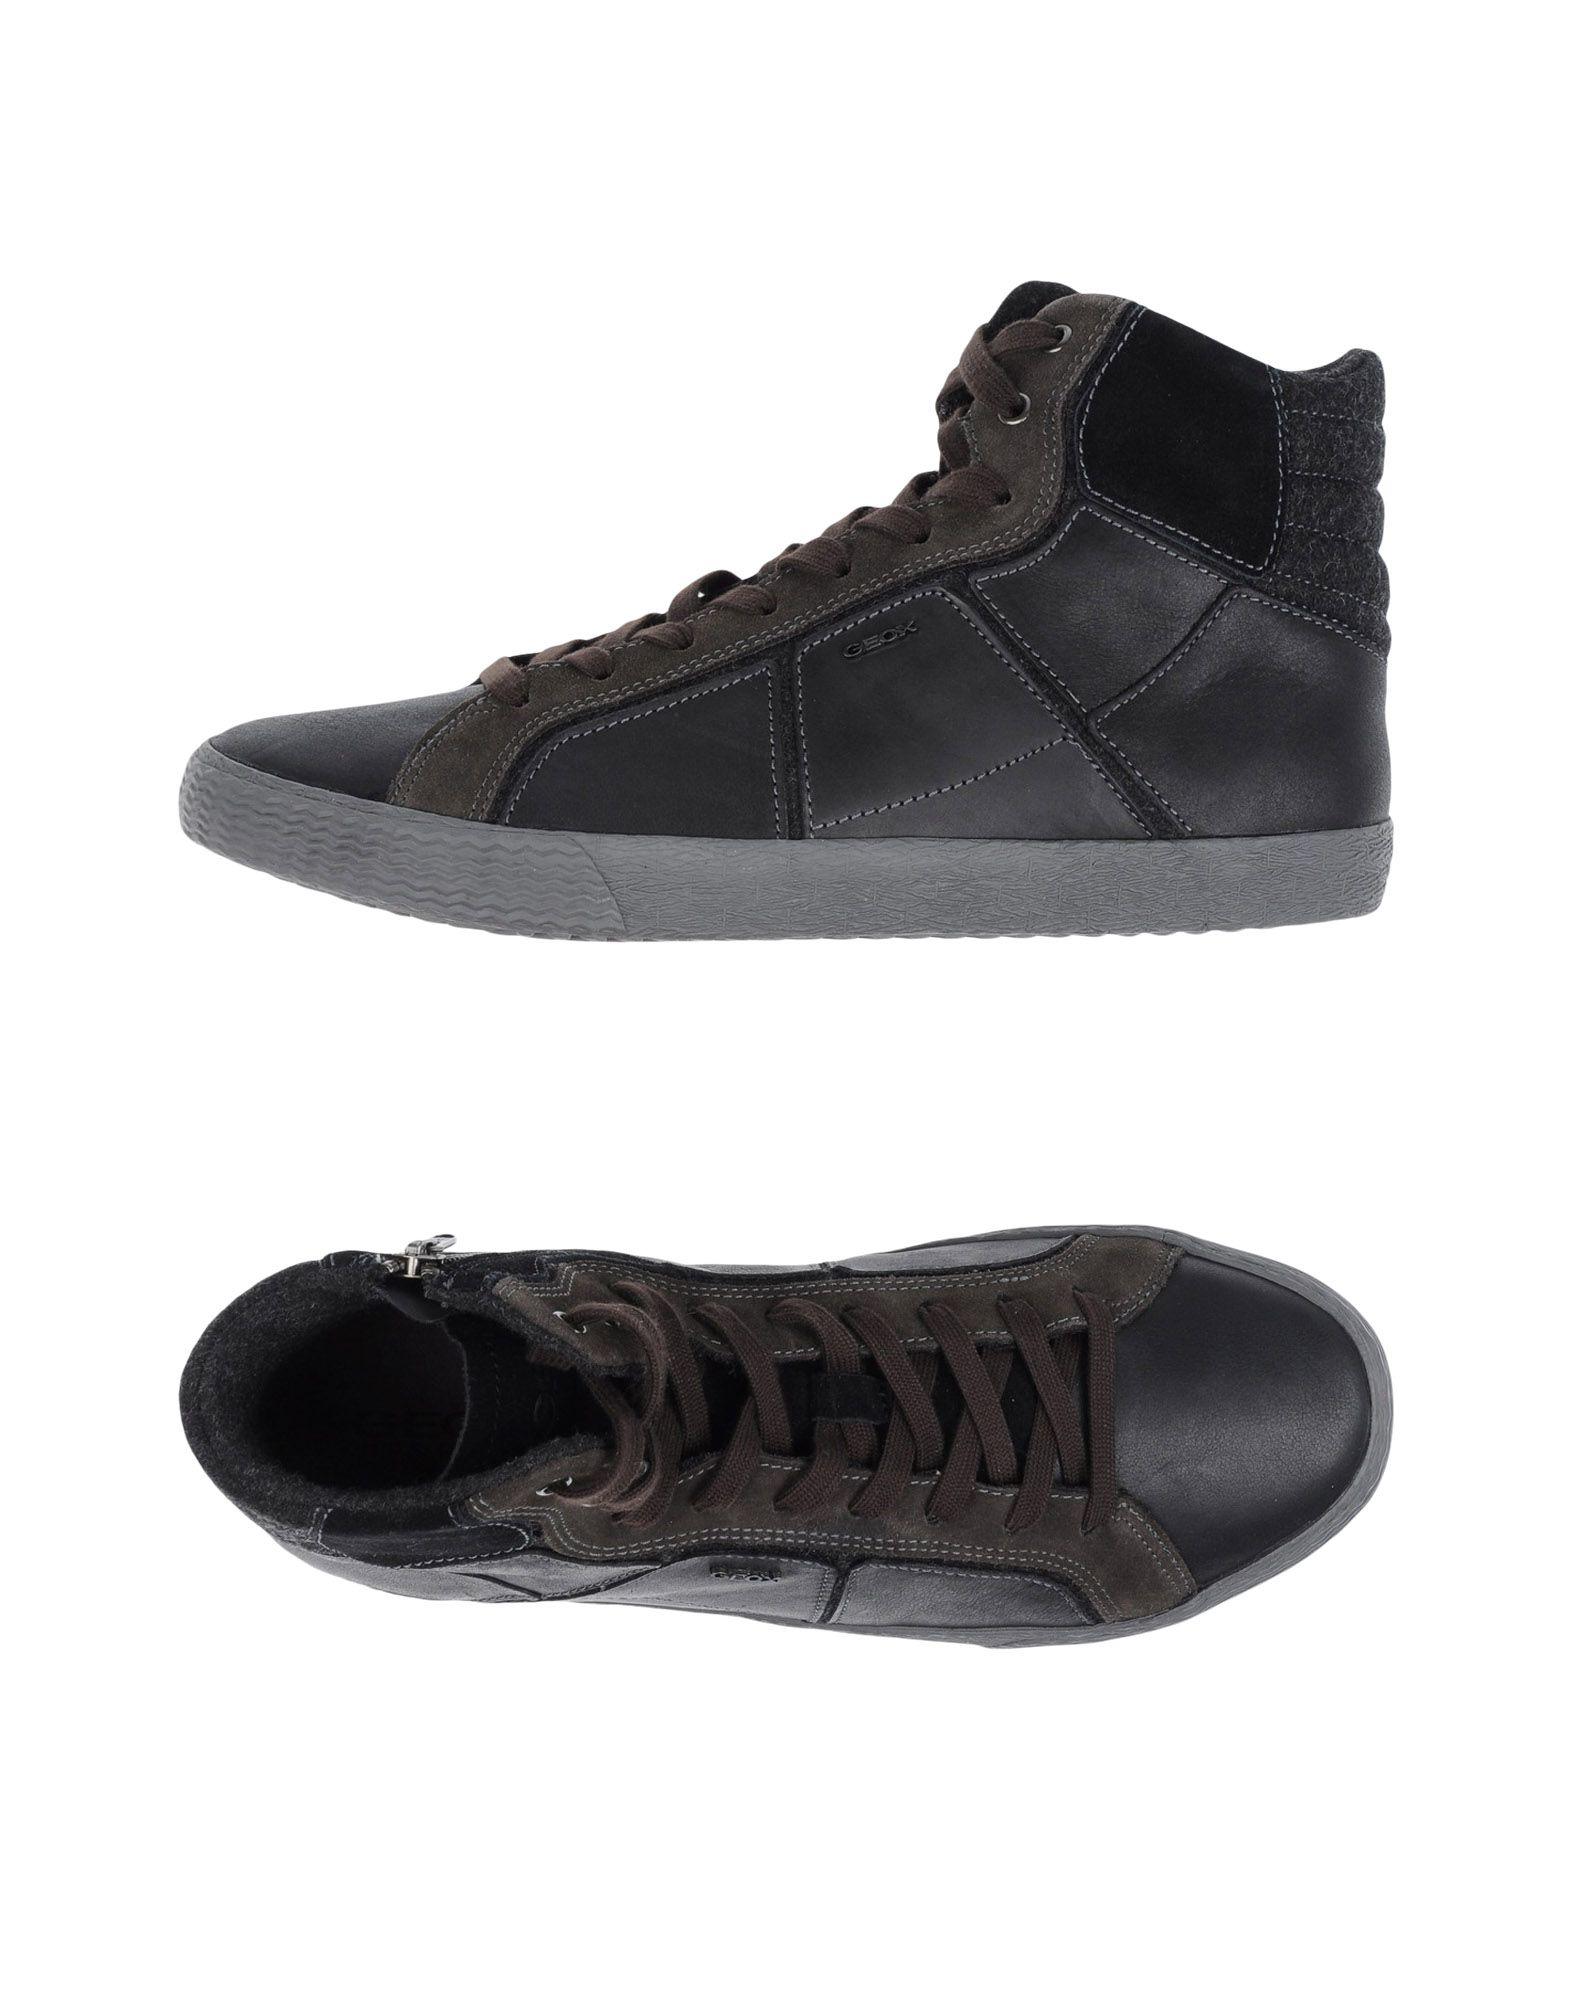 Rabatt echte Schuhe Geox Sneakers 11250063QT Herren  11250063QT Sneakers 15995d